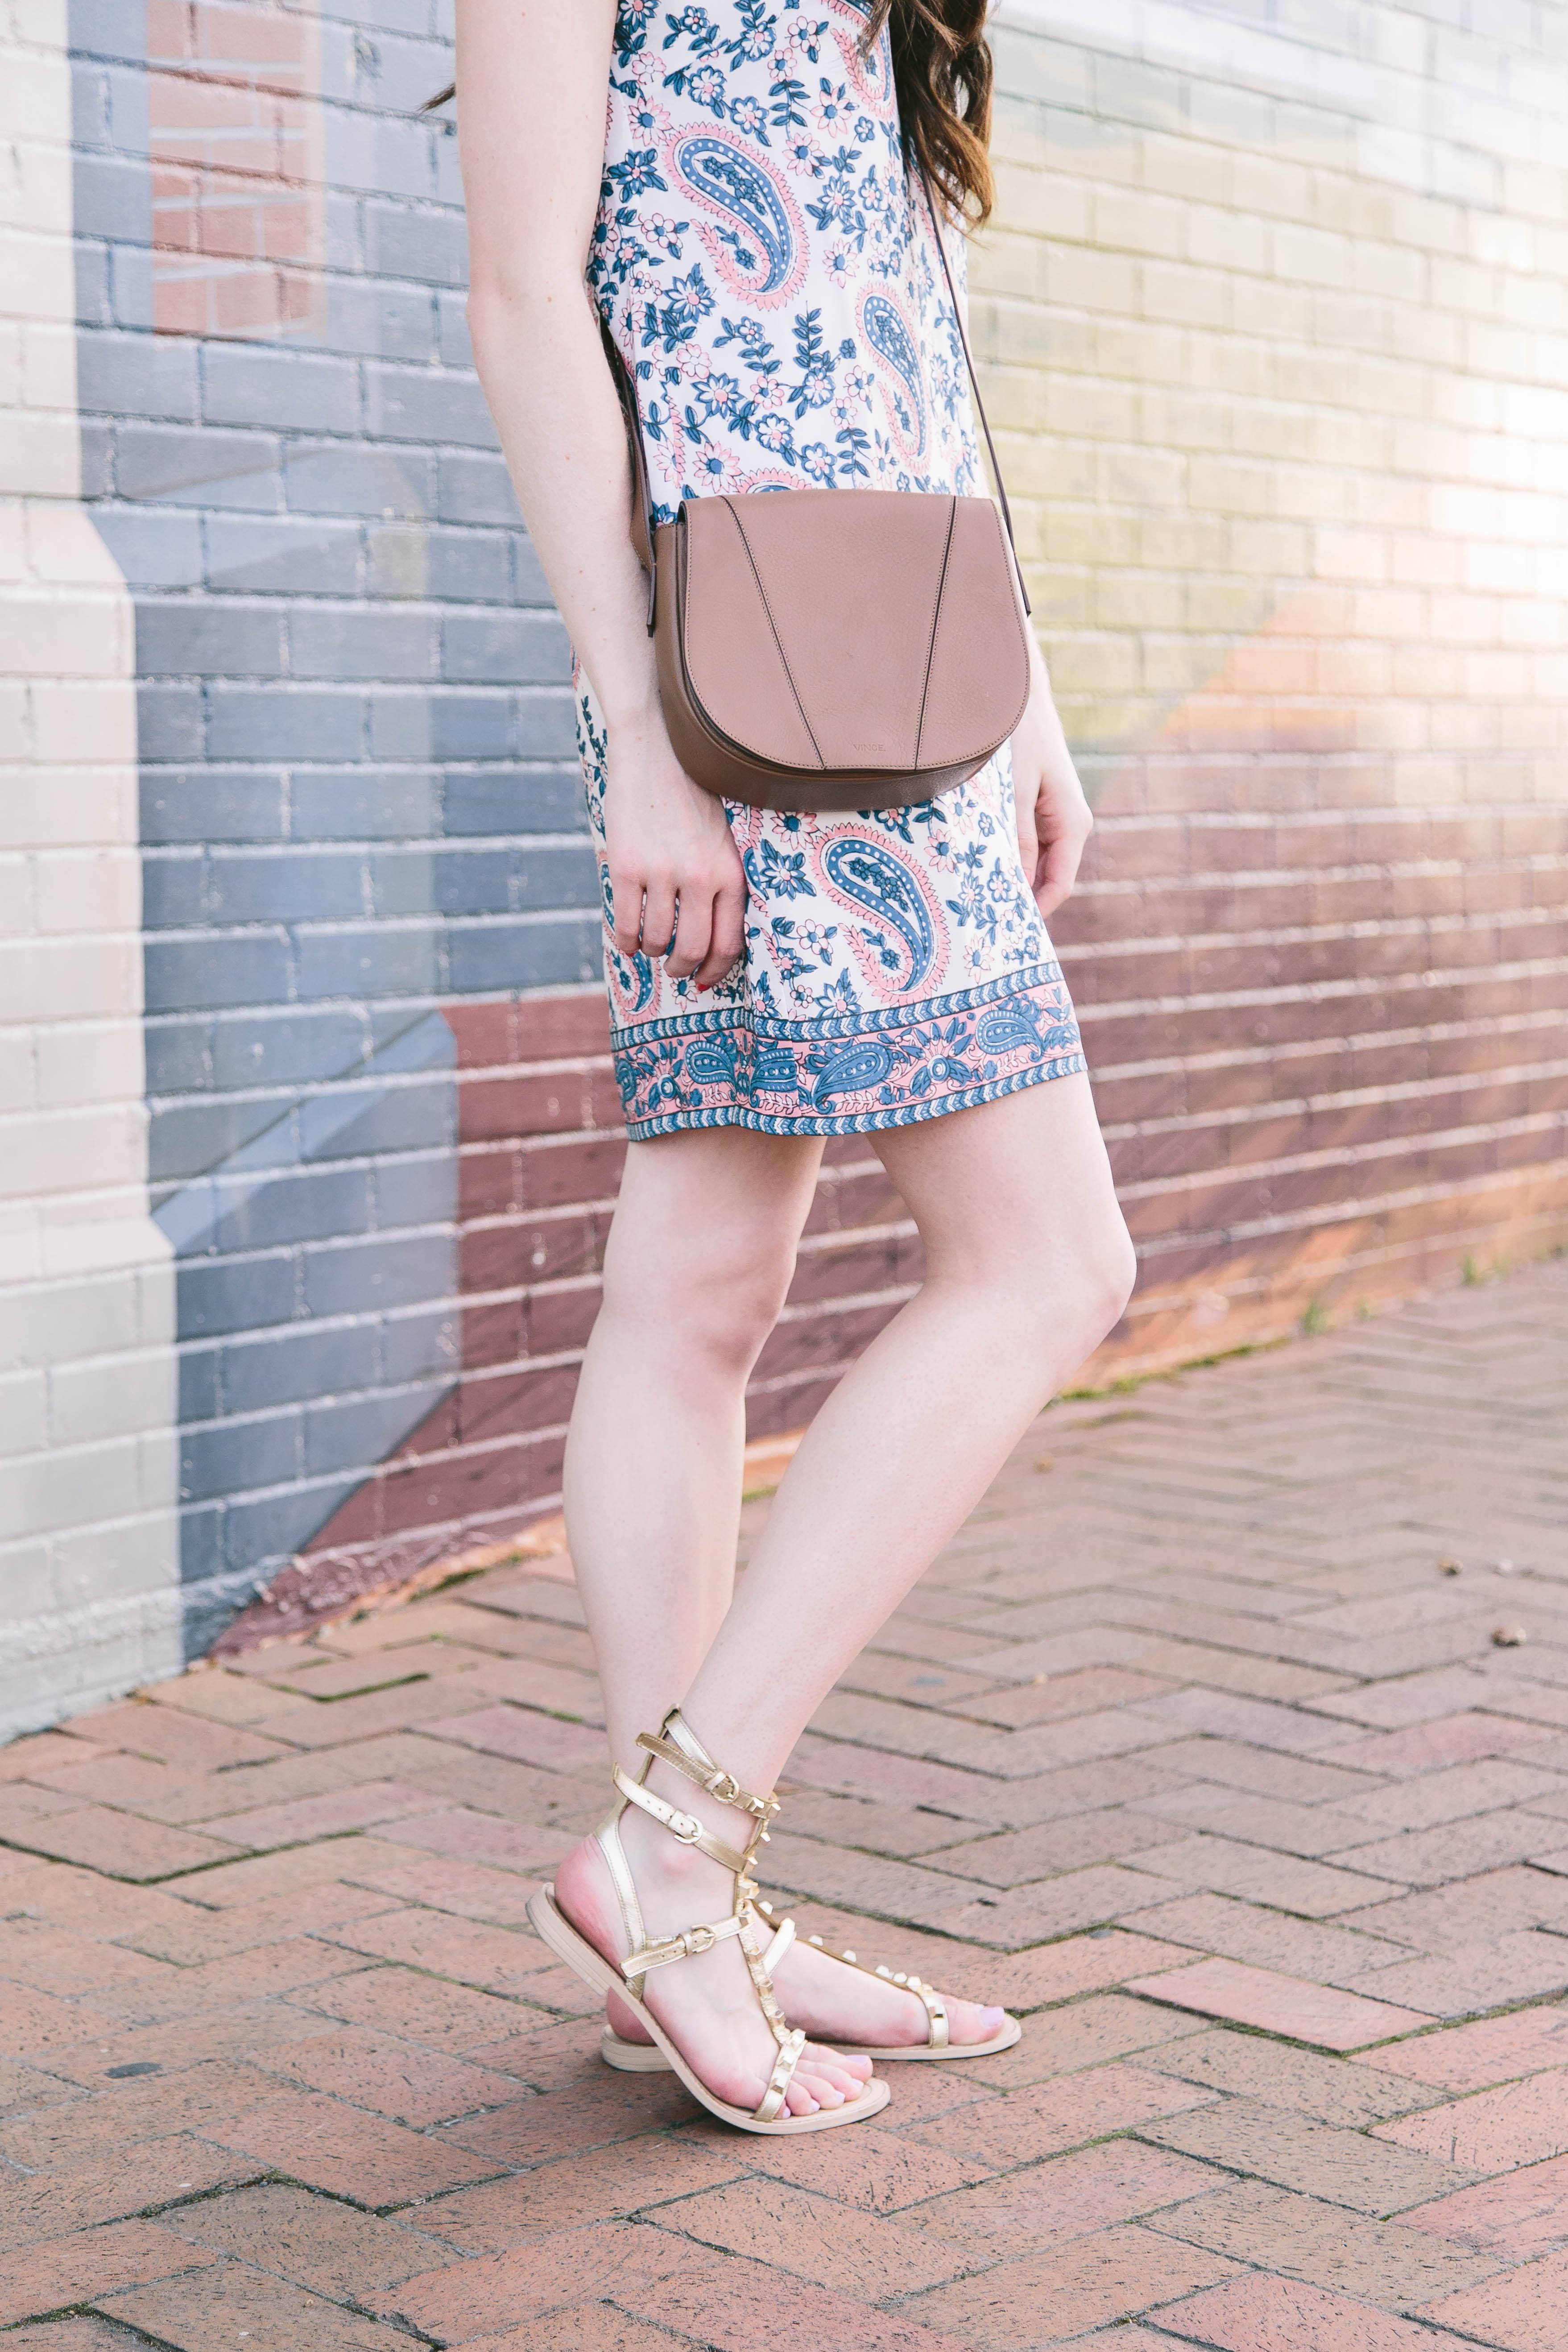 6 gold-studded-sandals-shopbop